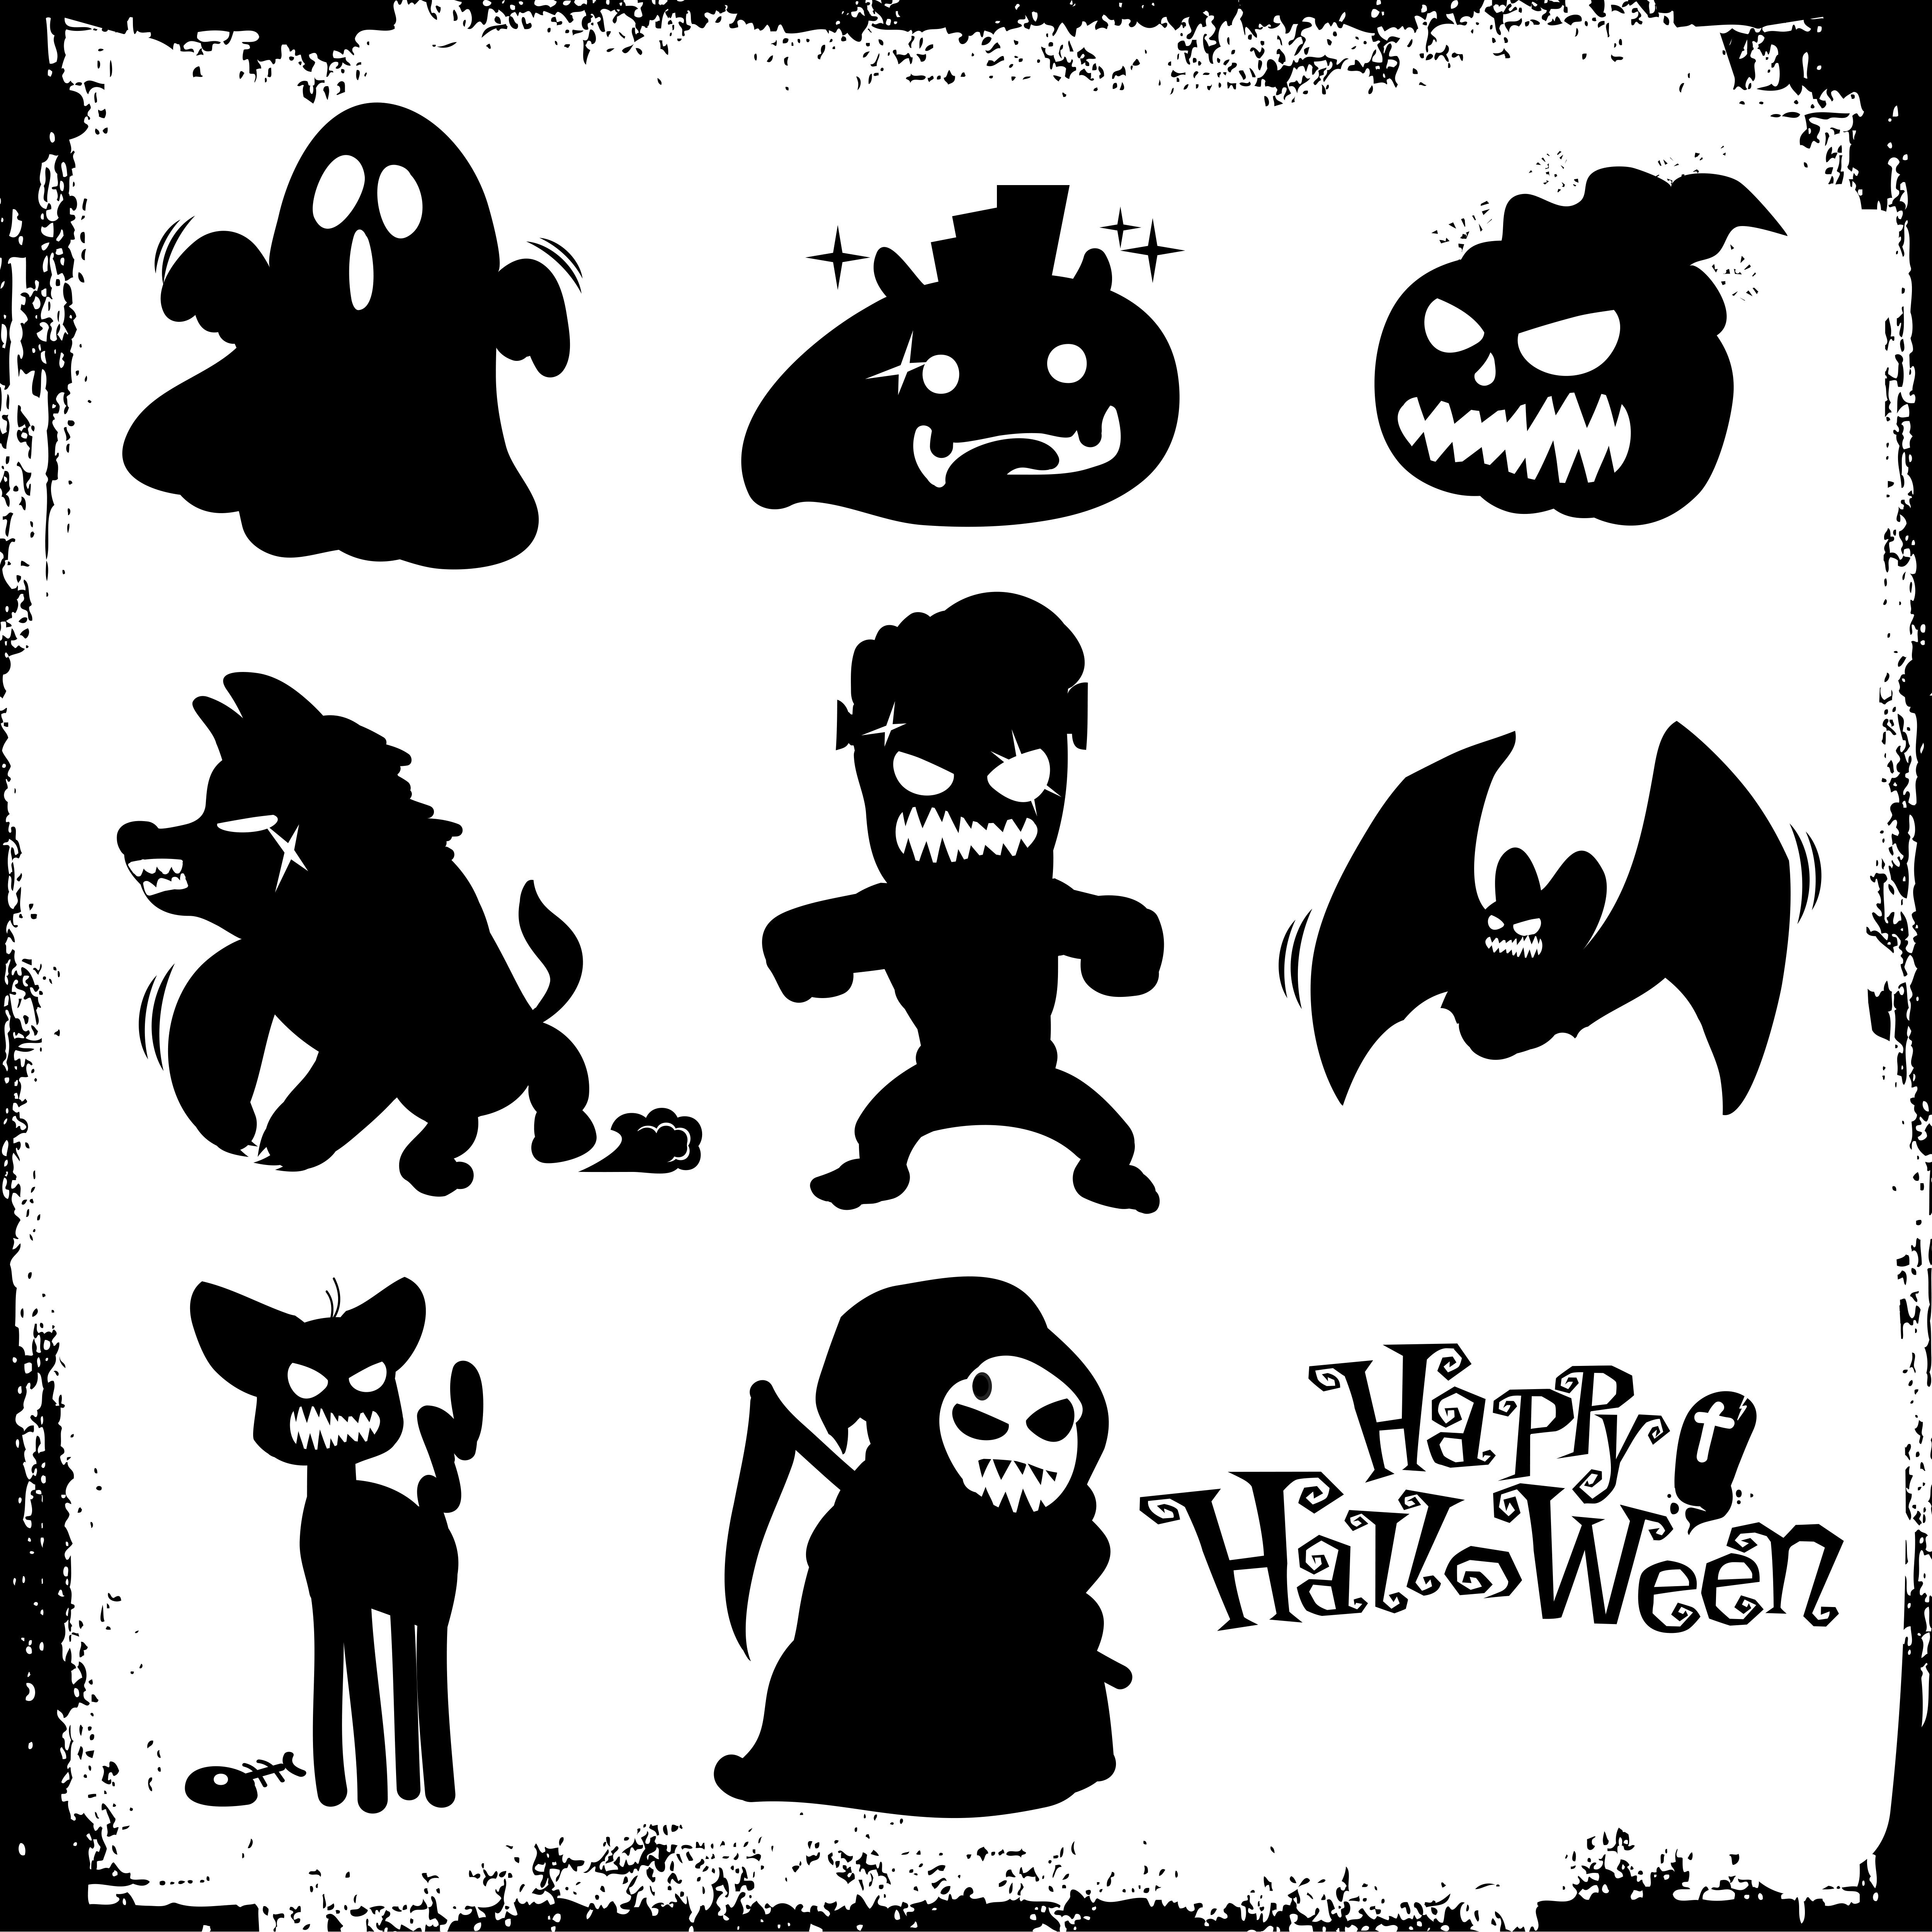 Silhouette Halloween Monsters Download Free Vectors Clipart Graphics Vector Art